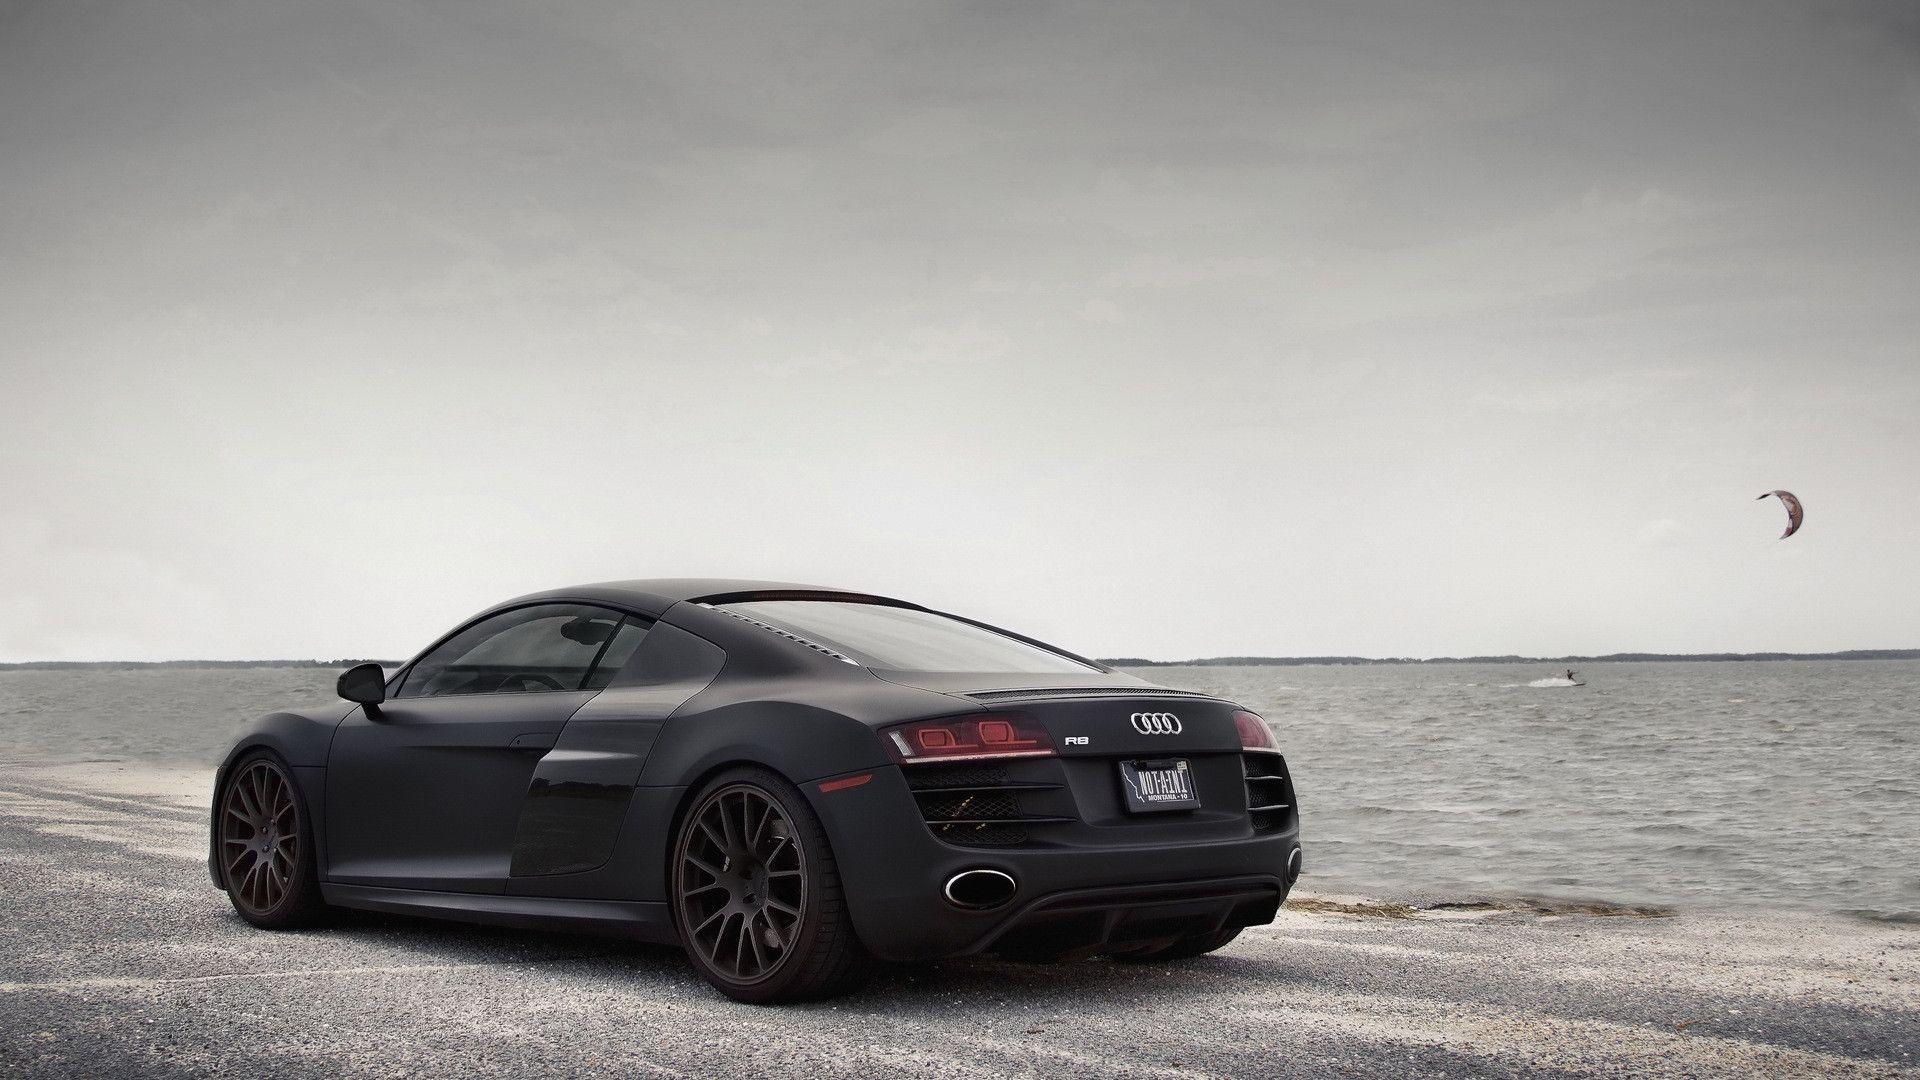 Audi R8 1920 X 1080 Audi Cars Audi R8 Matte Black Black Audi